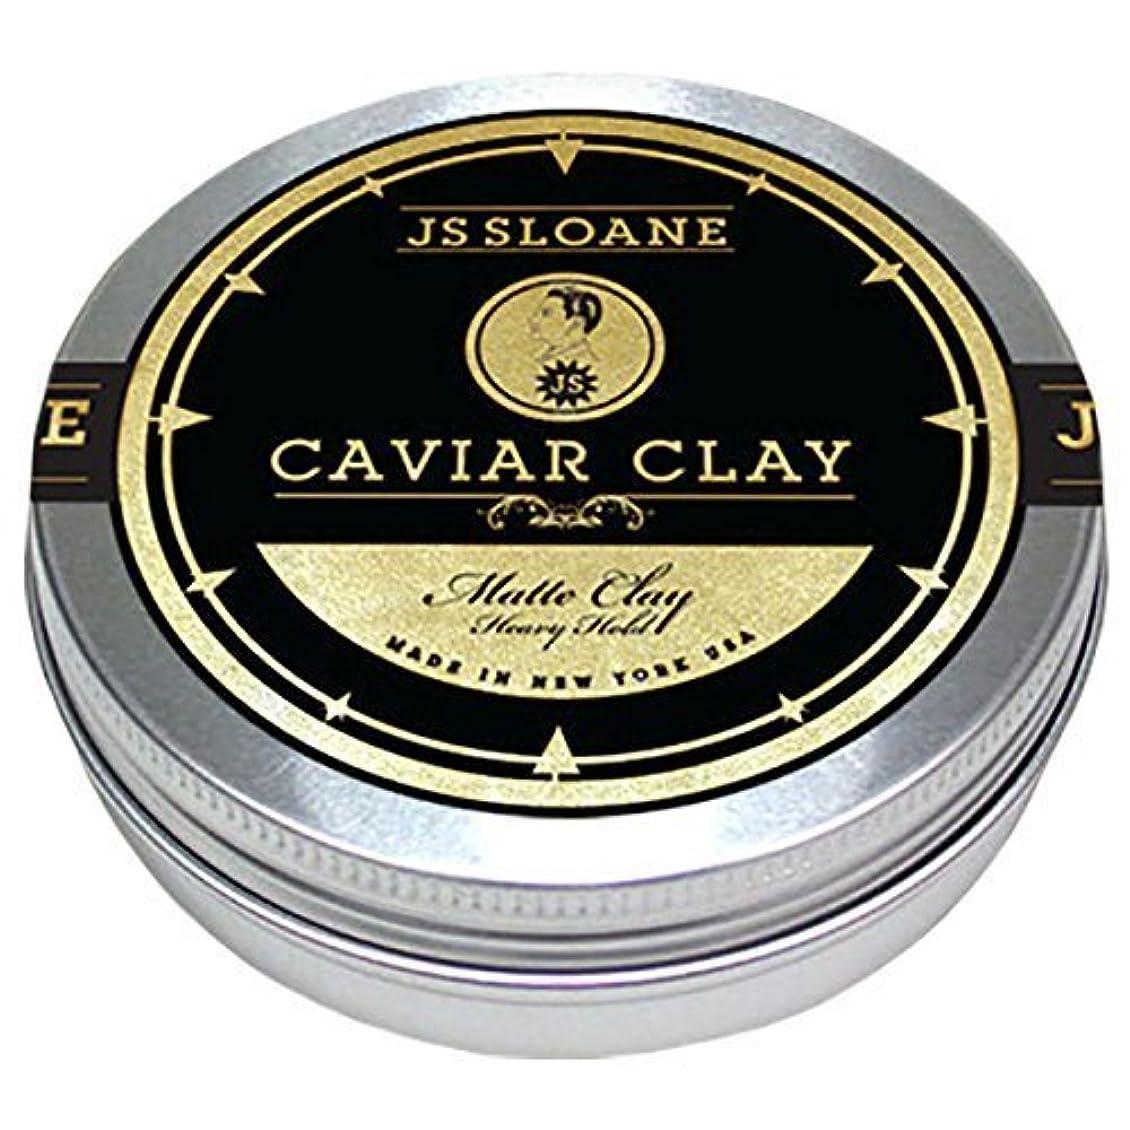 ピーブキッチン昇進ジェイエススローン(JS Sloane) マットクレイポマード (MATTE CAVIAR CLAY POMADE) メンズ 整髪料 ヘアスタイリング剤 水性 ヘアグリース ツヤなし ストロングホールド